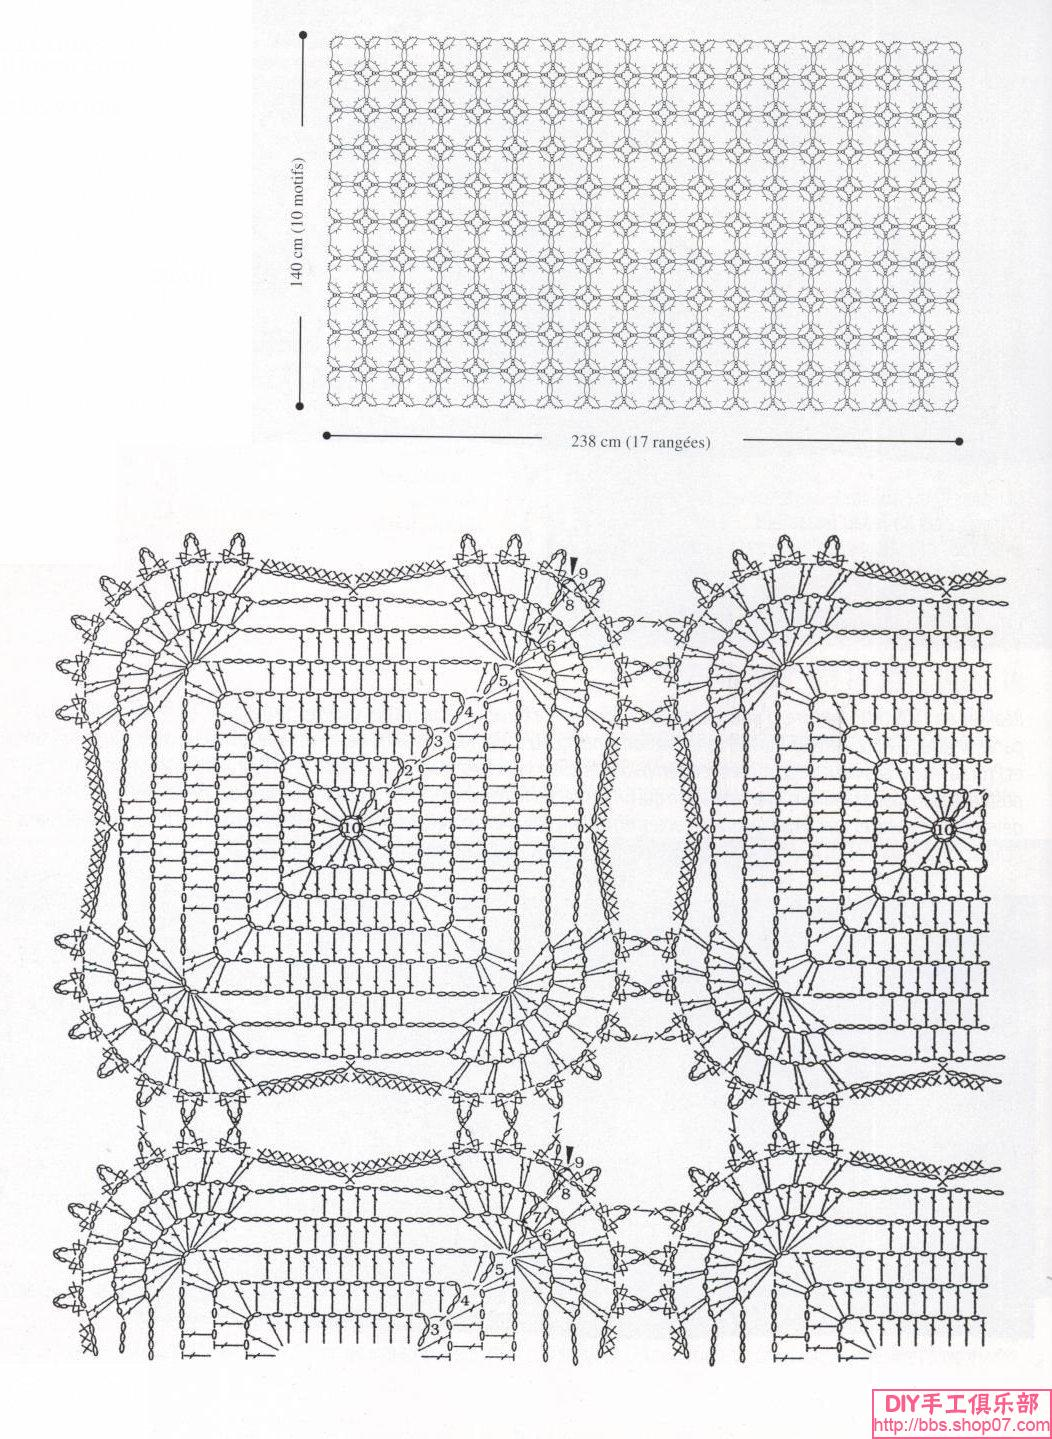 Copriletto piastrelle quadrate piccole 2 punto croce uncinetto schemi gratis - Schemi piastrelle uncinetto ...